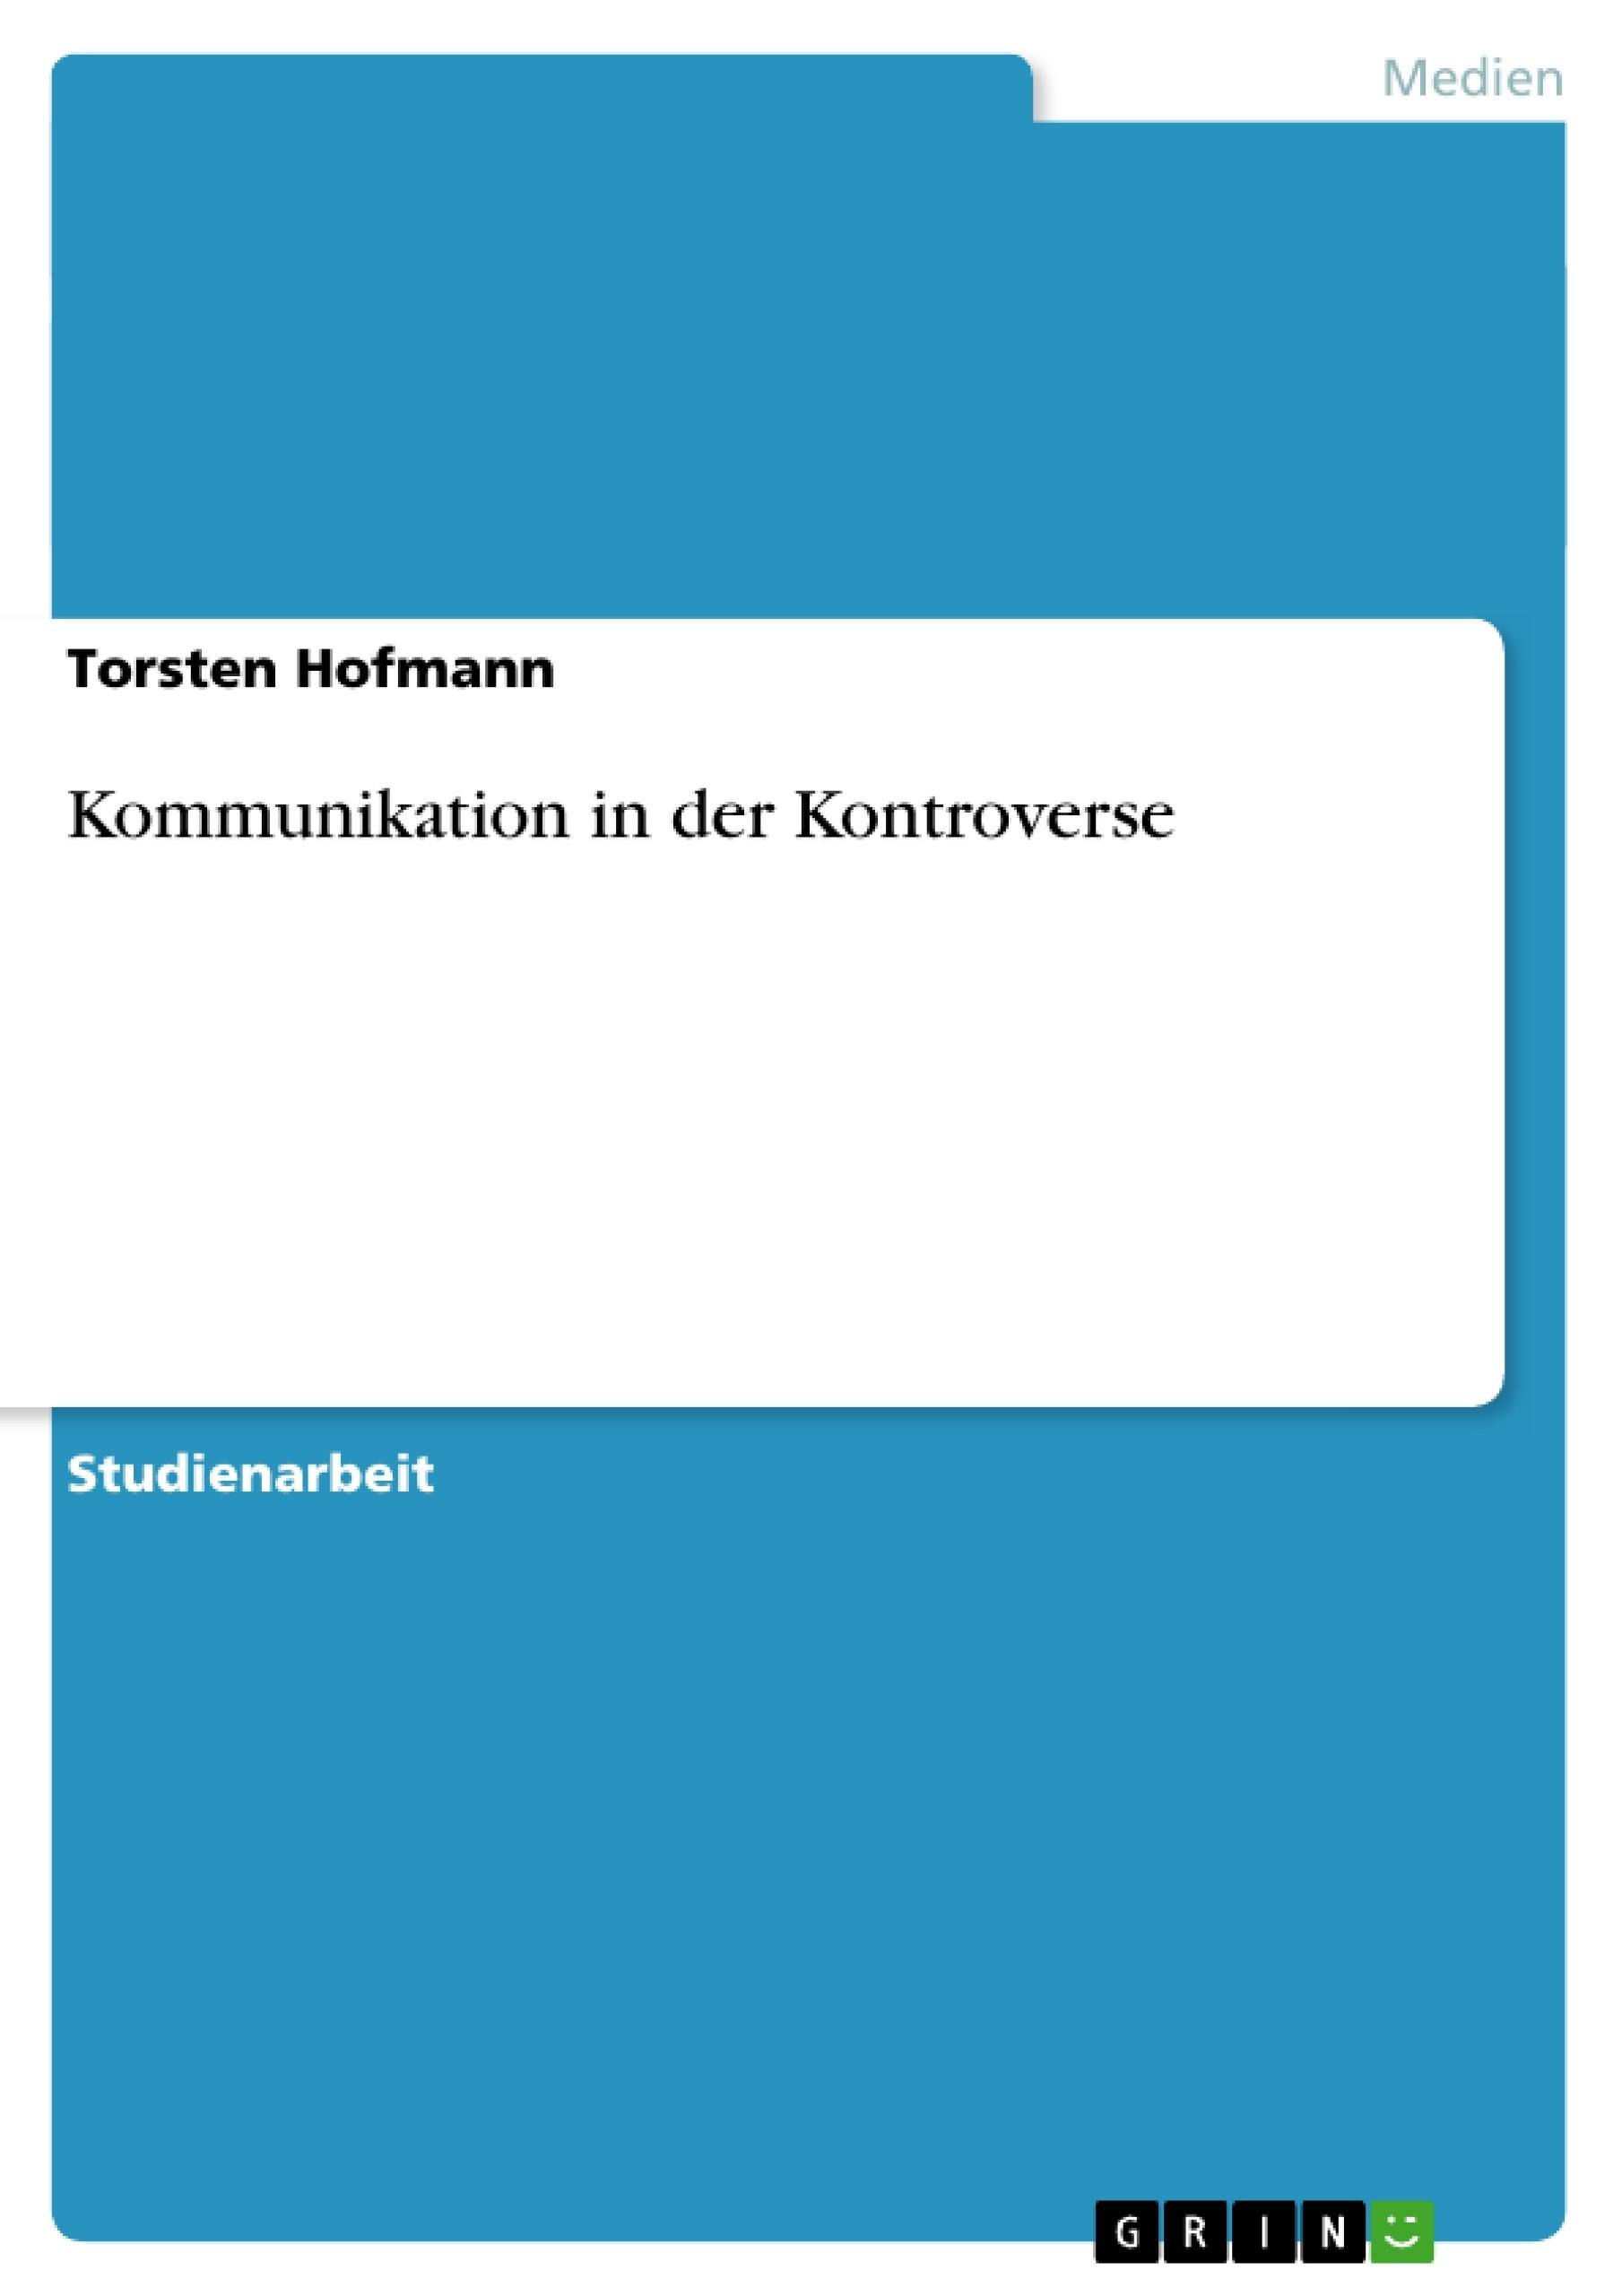 Titel: Kommunikation in der Kontroverse